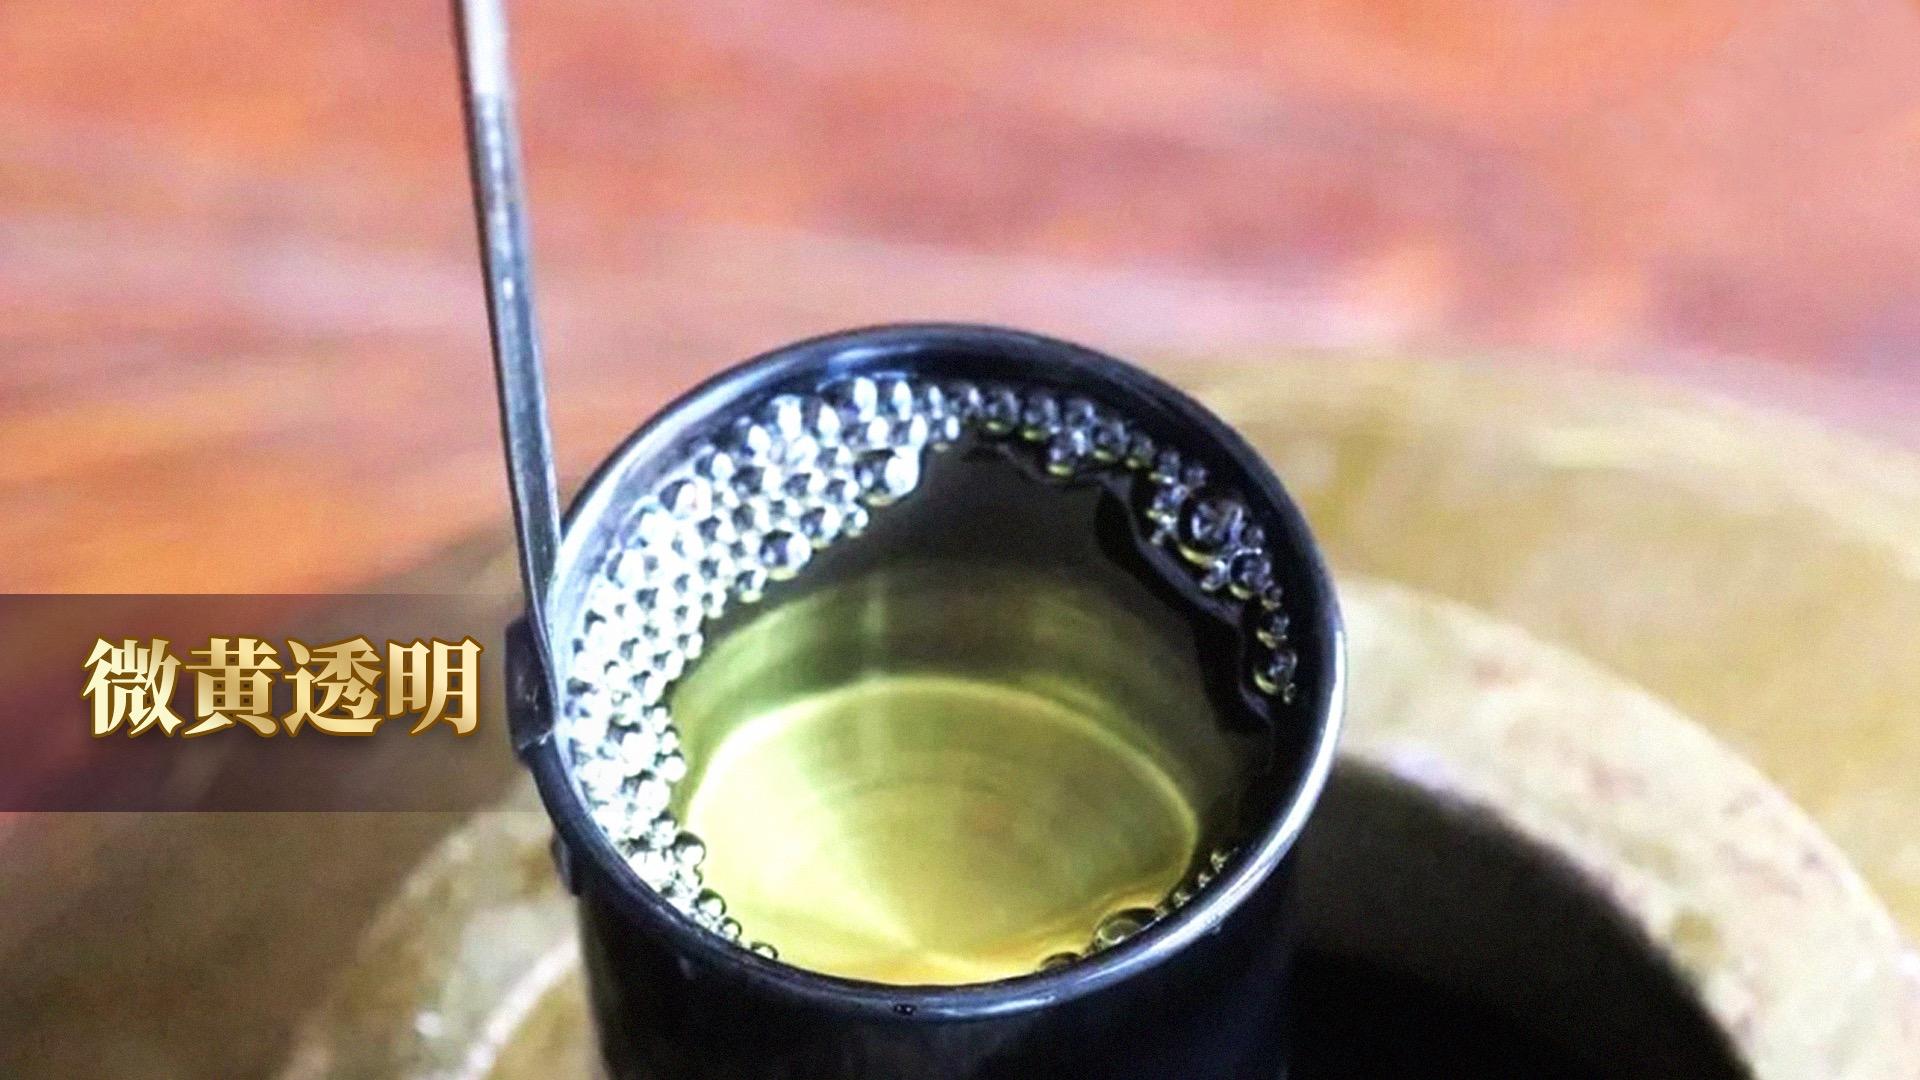 直击春糖:庄藏酱酒又拿下中国好酱酒大奖,火爆现场